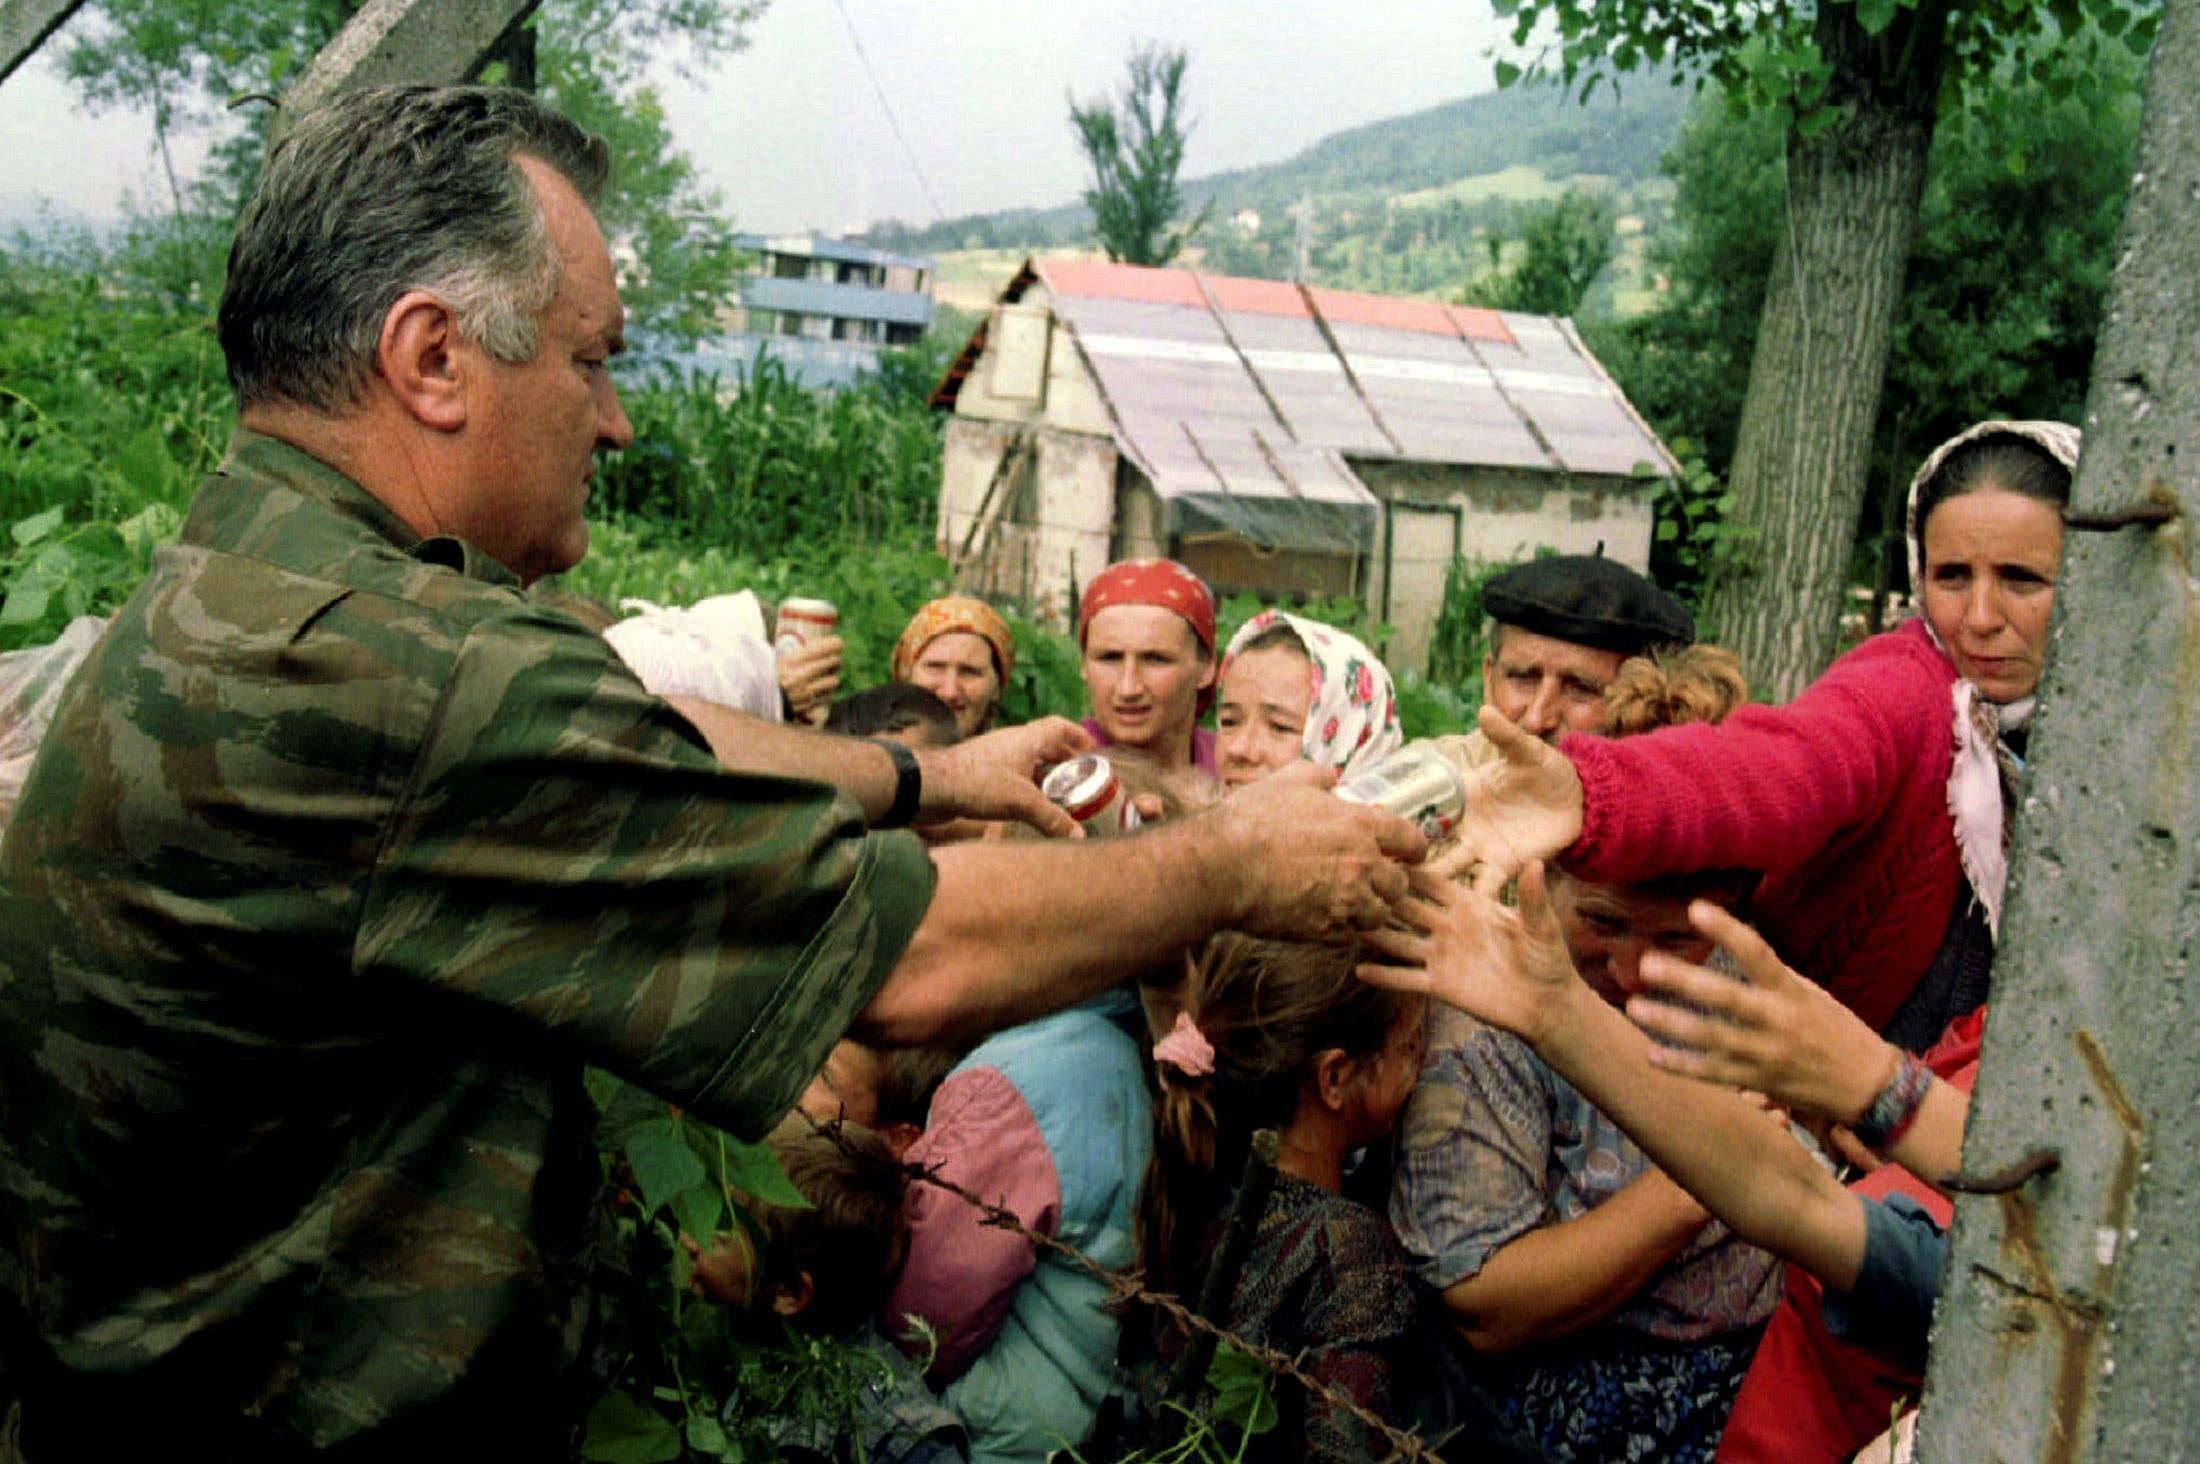 Генерал Ратко Младић дели храну мештанима Сребренице (Фото: Reuters)